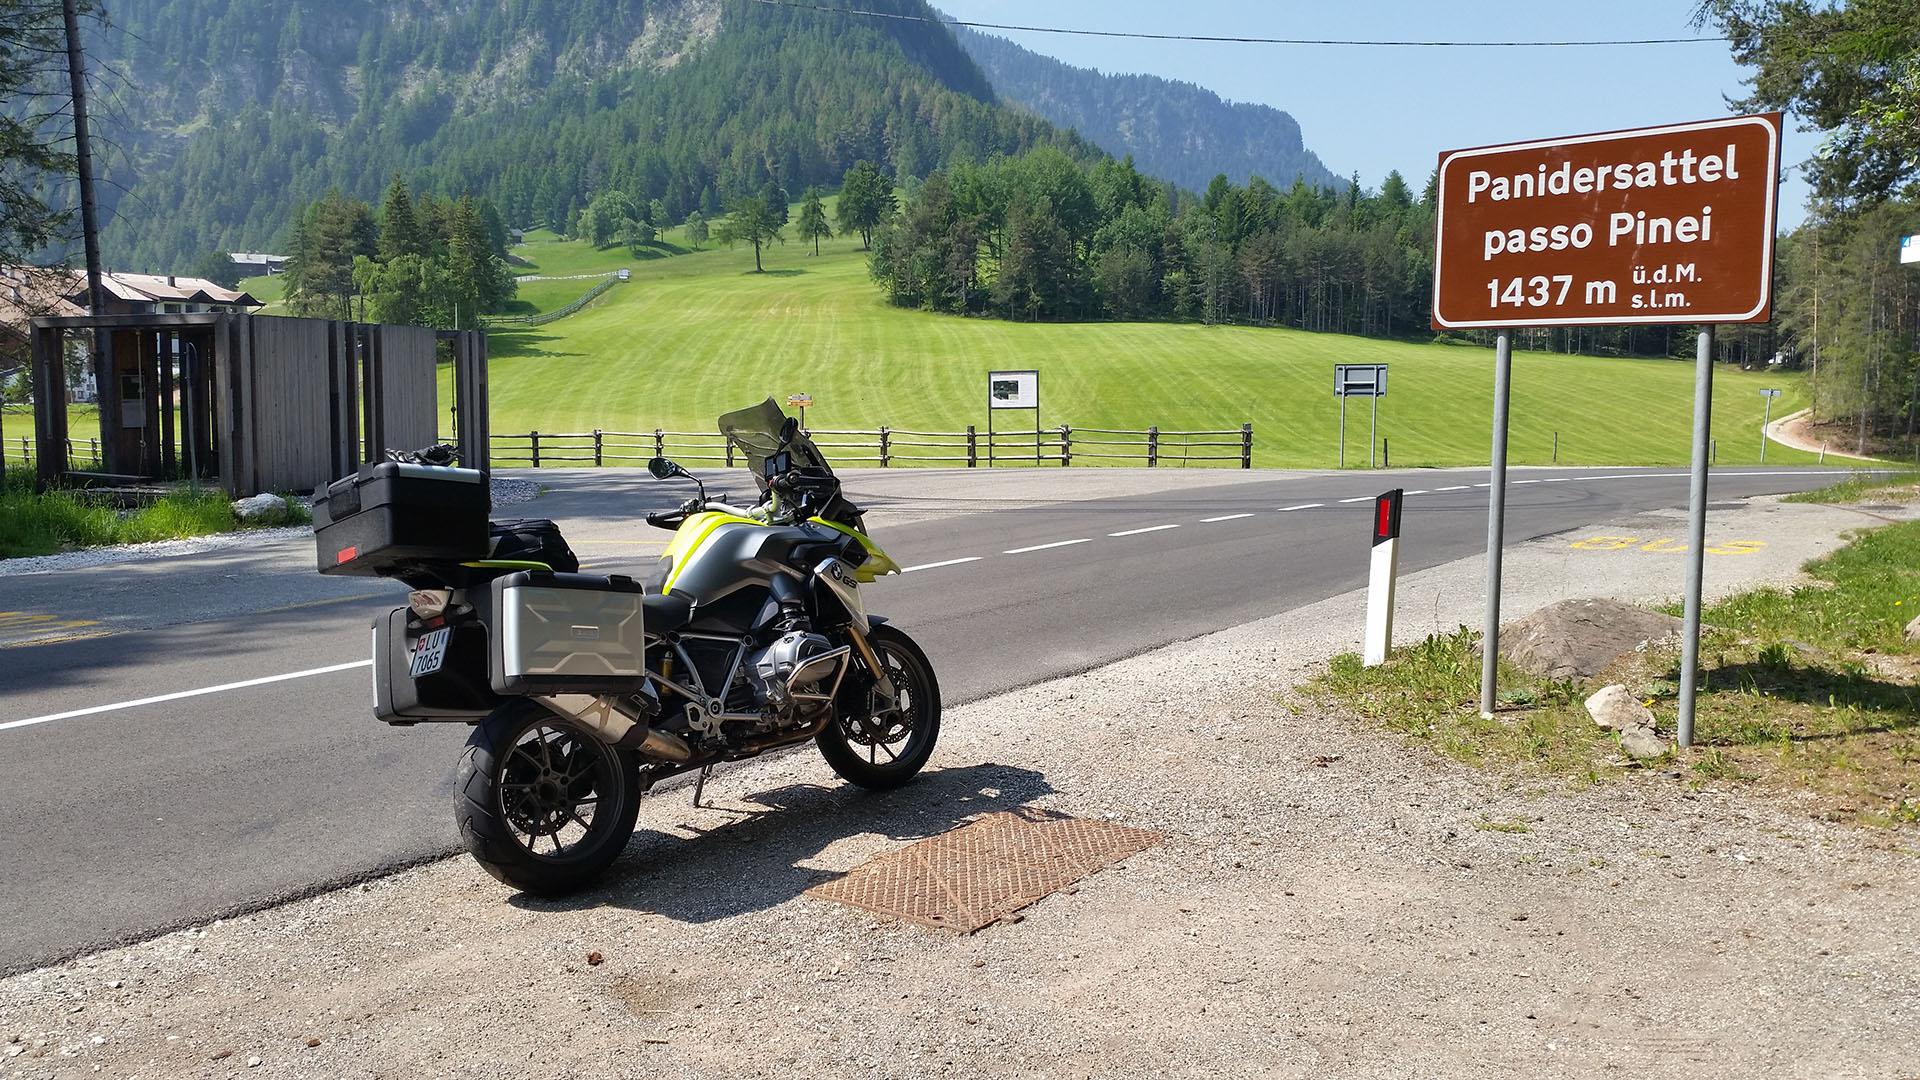 1437 - I - Panidersattel (Passo Pinei)